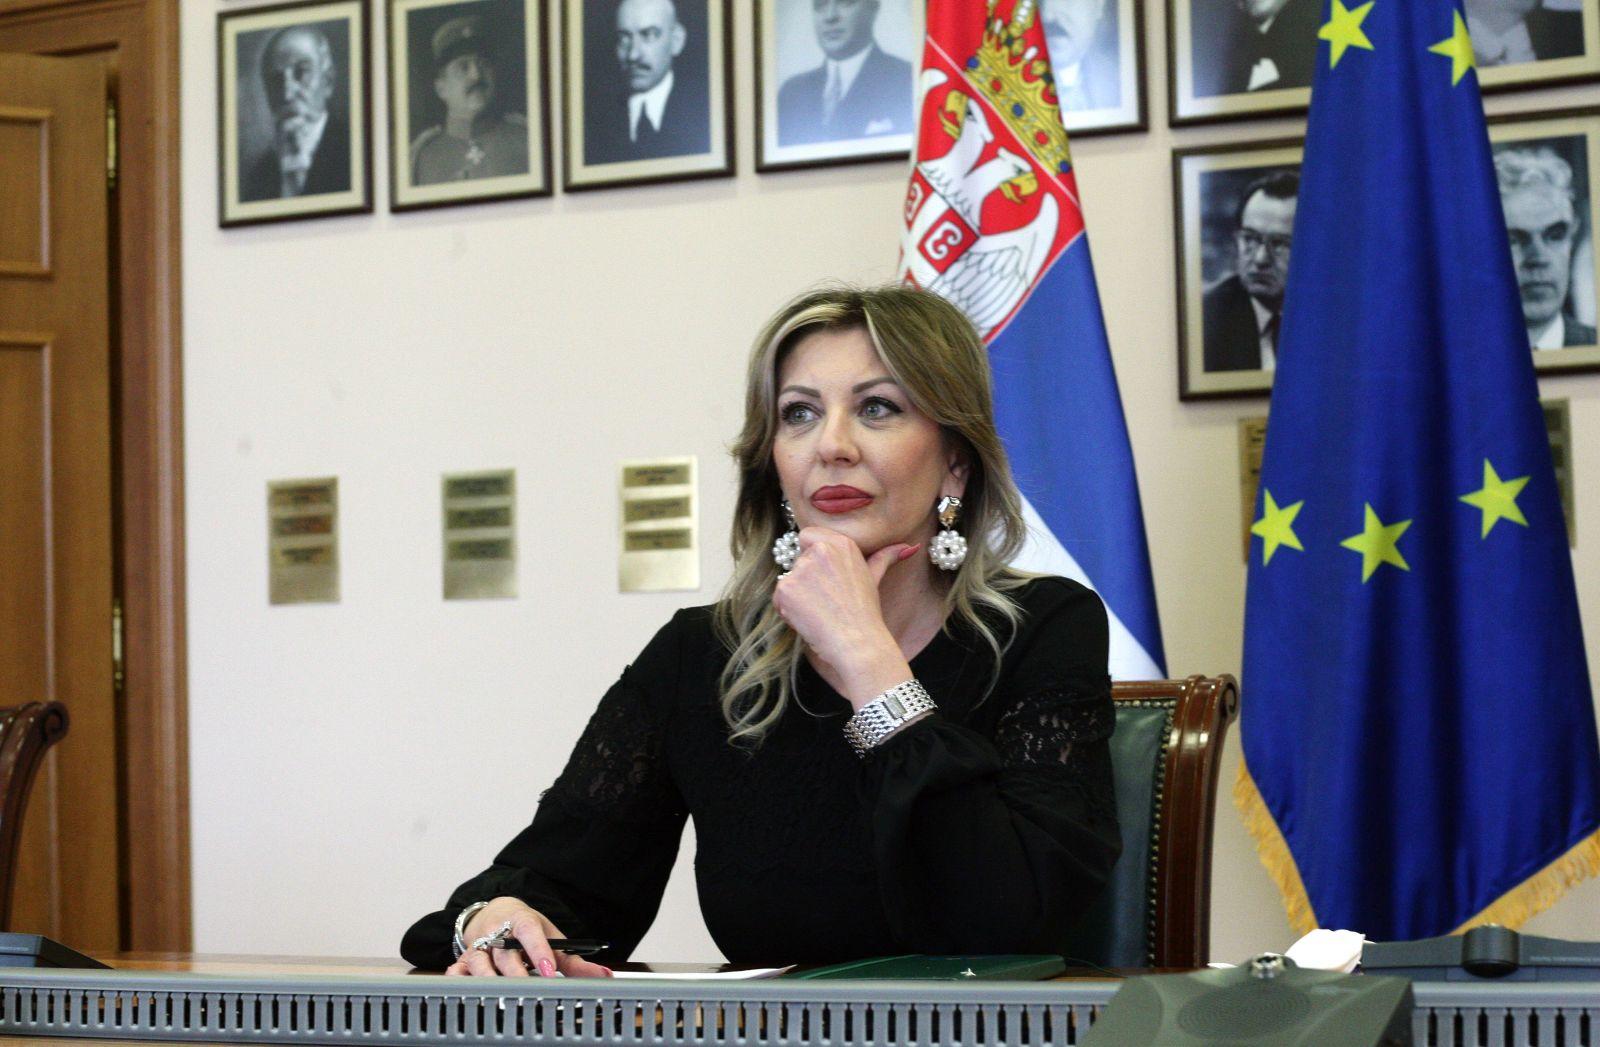 Ј. Јоксимовић онлајн са студентима ФПН